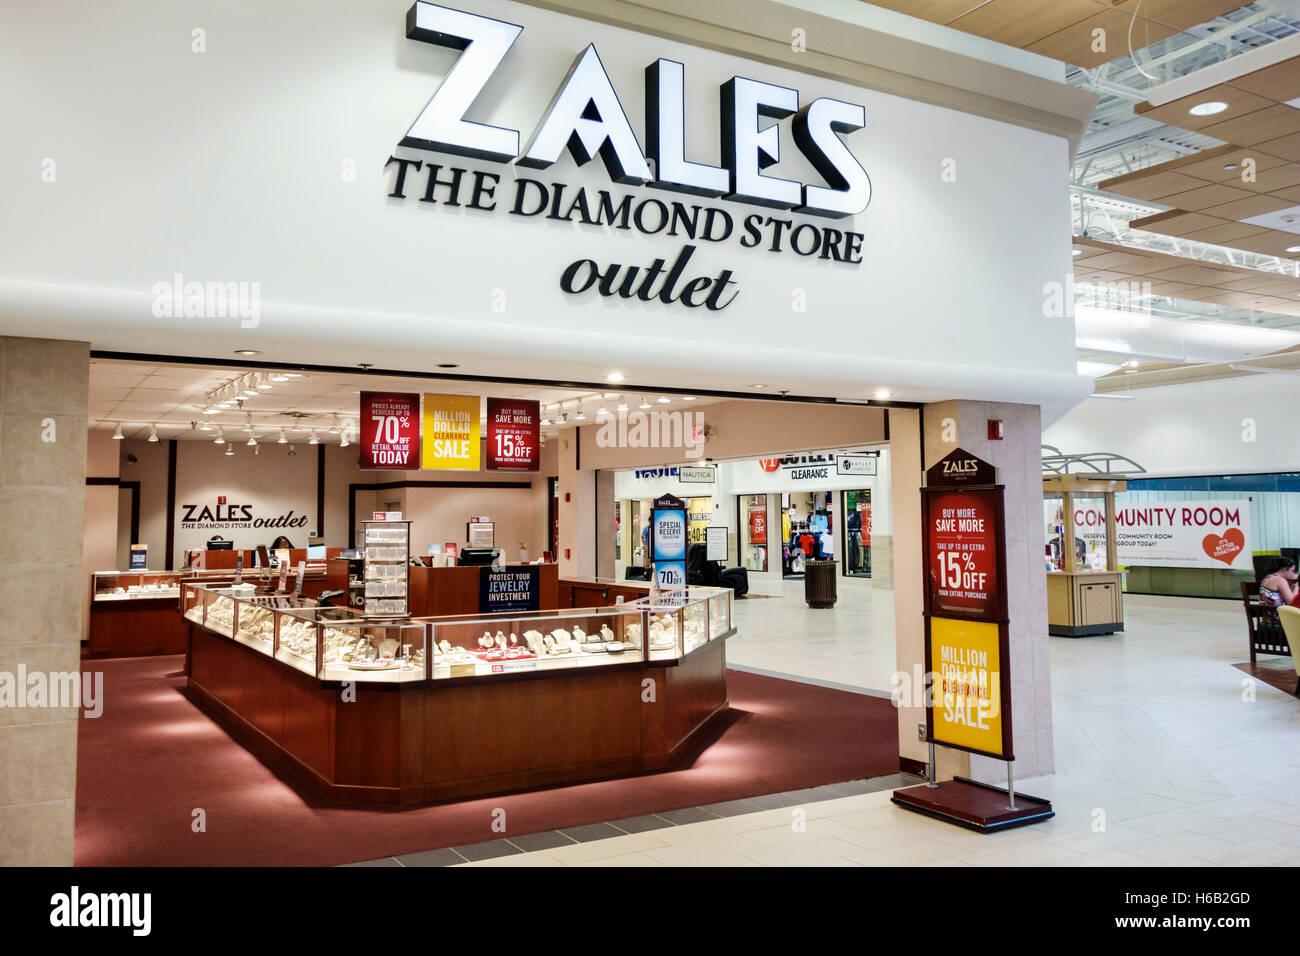 San Agustín Florida Outlets Shopping entrada frontal Zales Diamond Store Outlet Joyas joyas Imagen De Stock